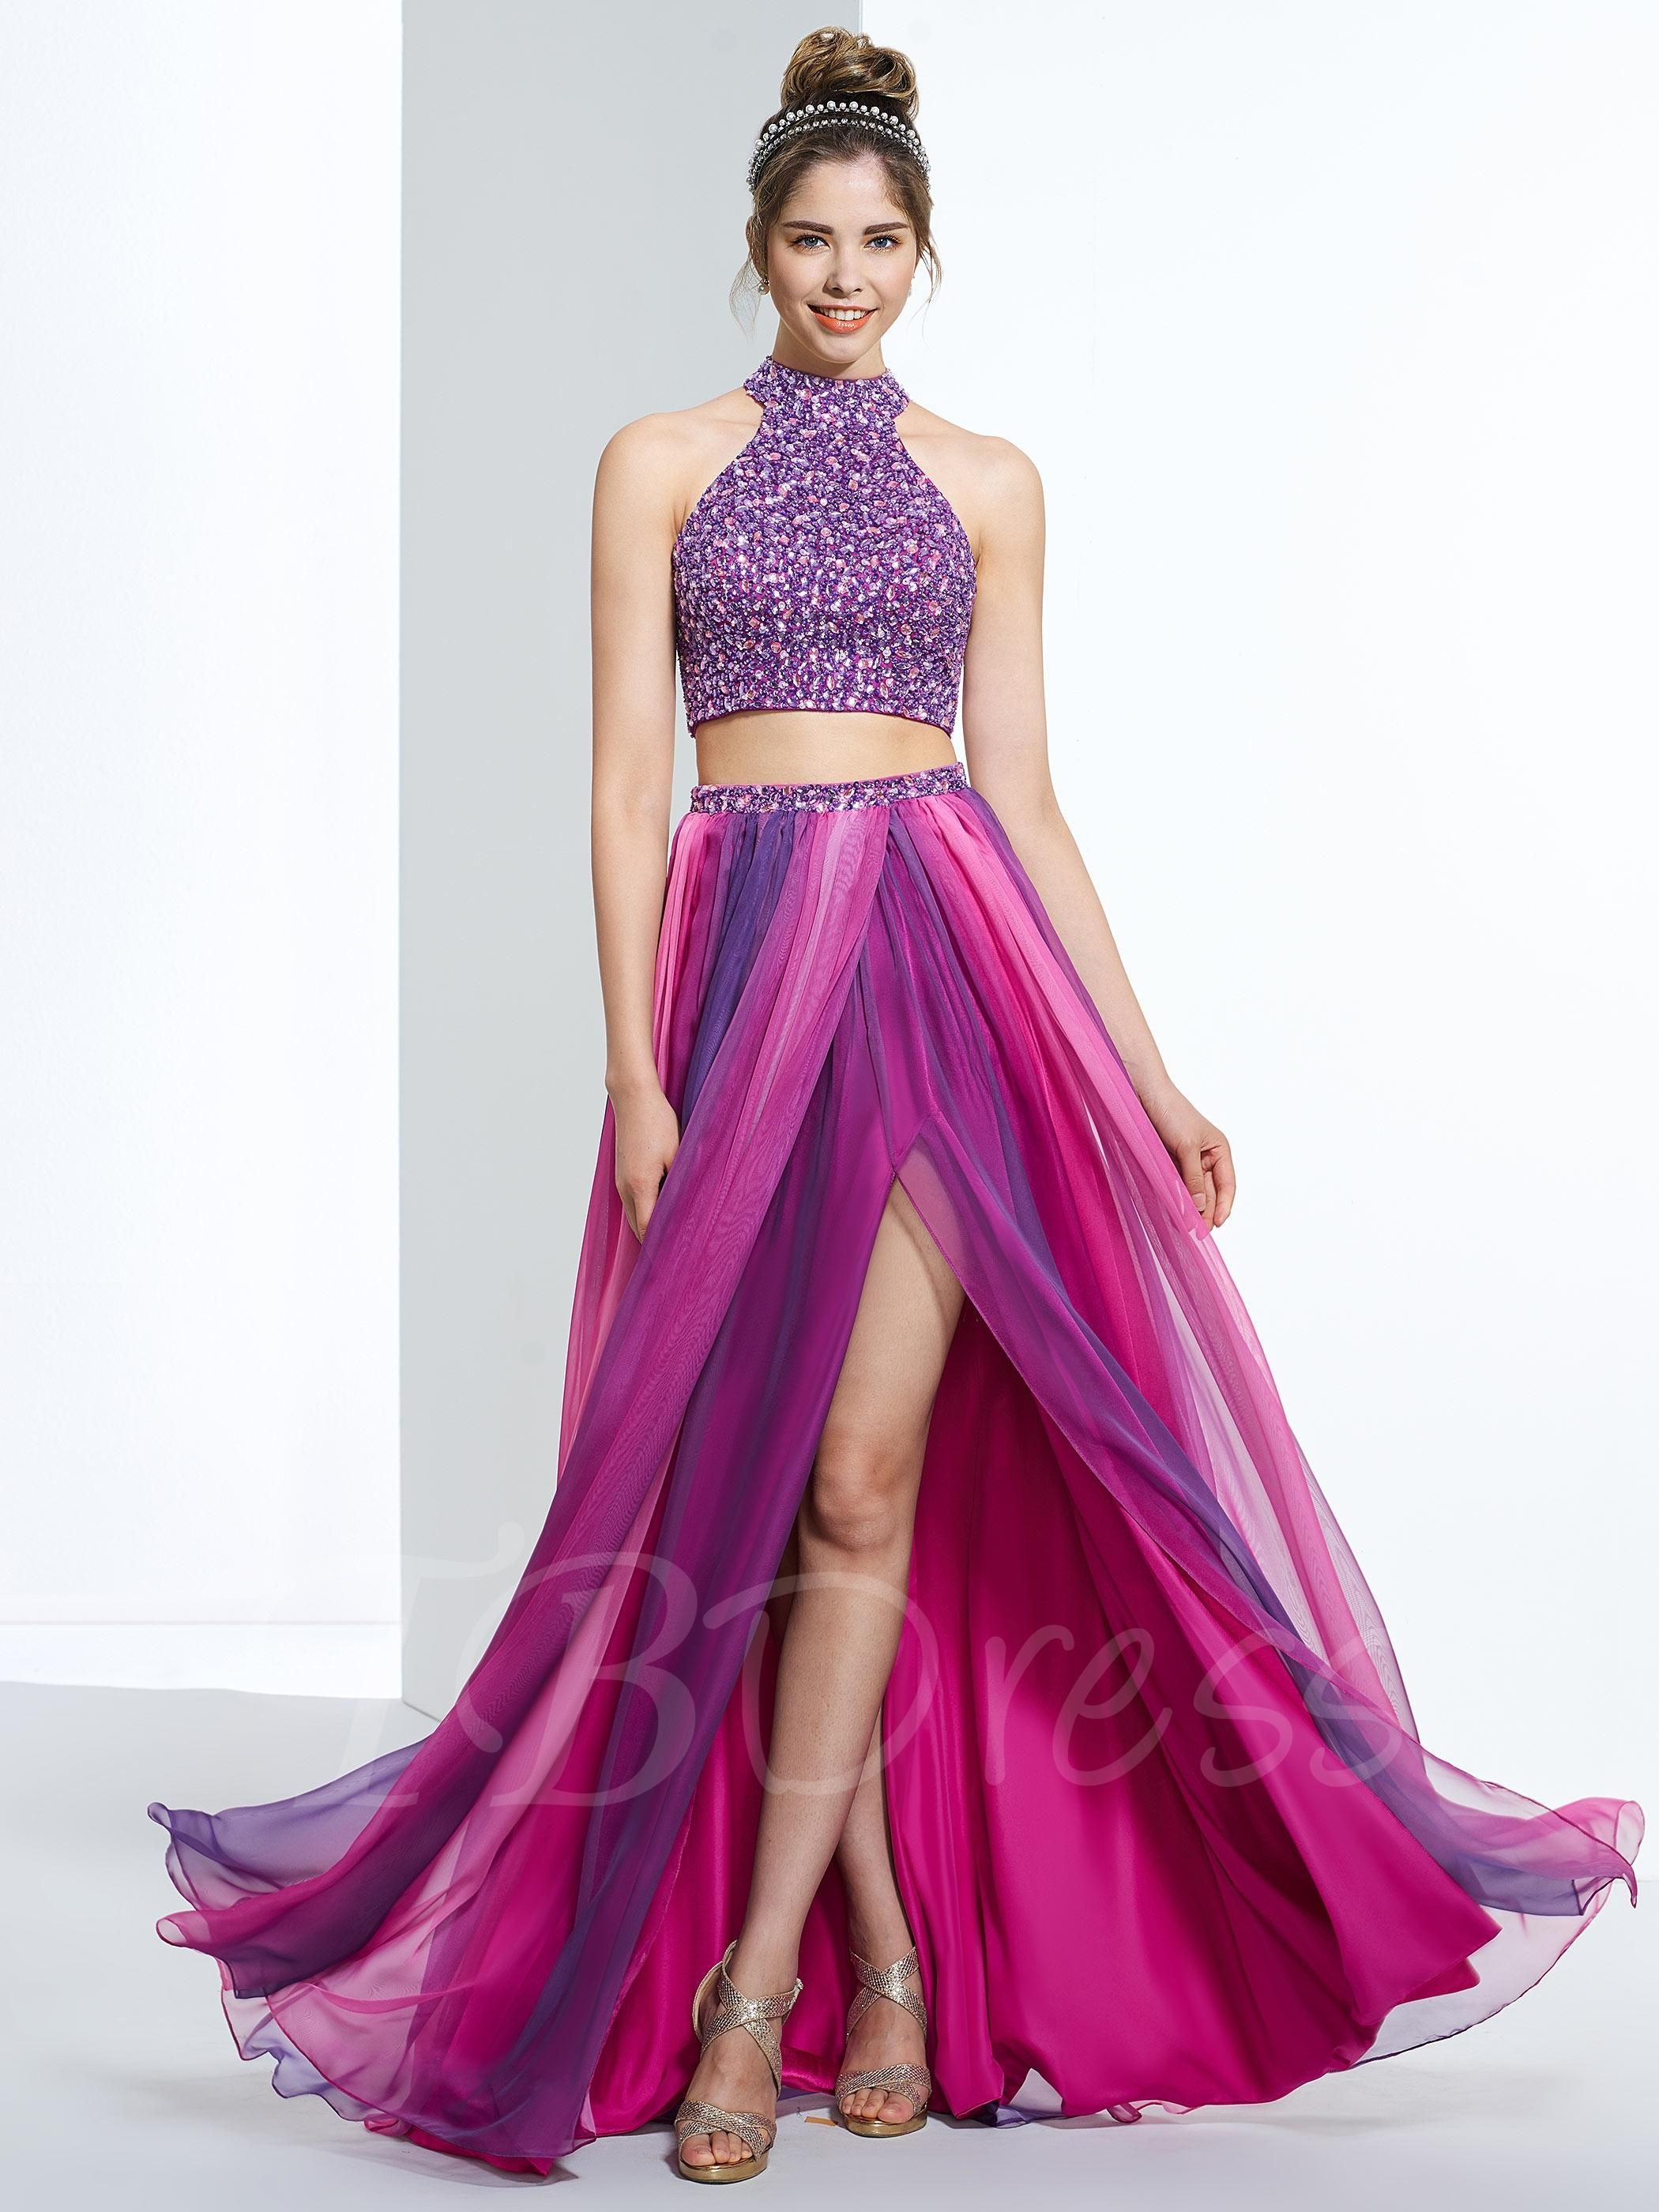 Increíble Vestido De Fiesta Adornado Galería - Colección del Vestido ...